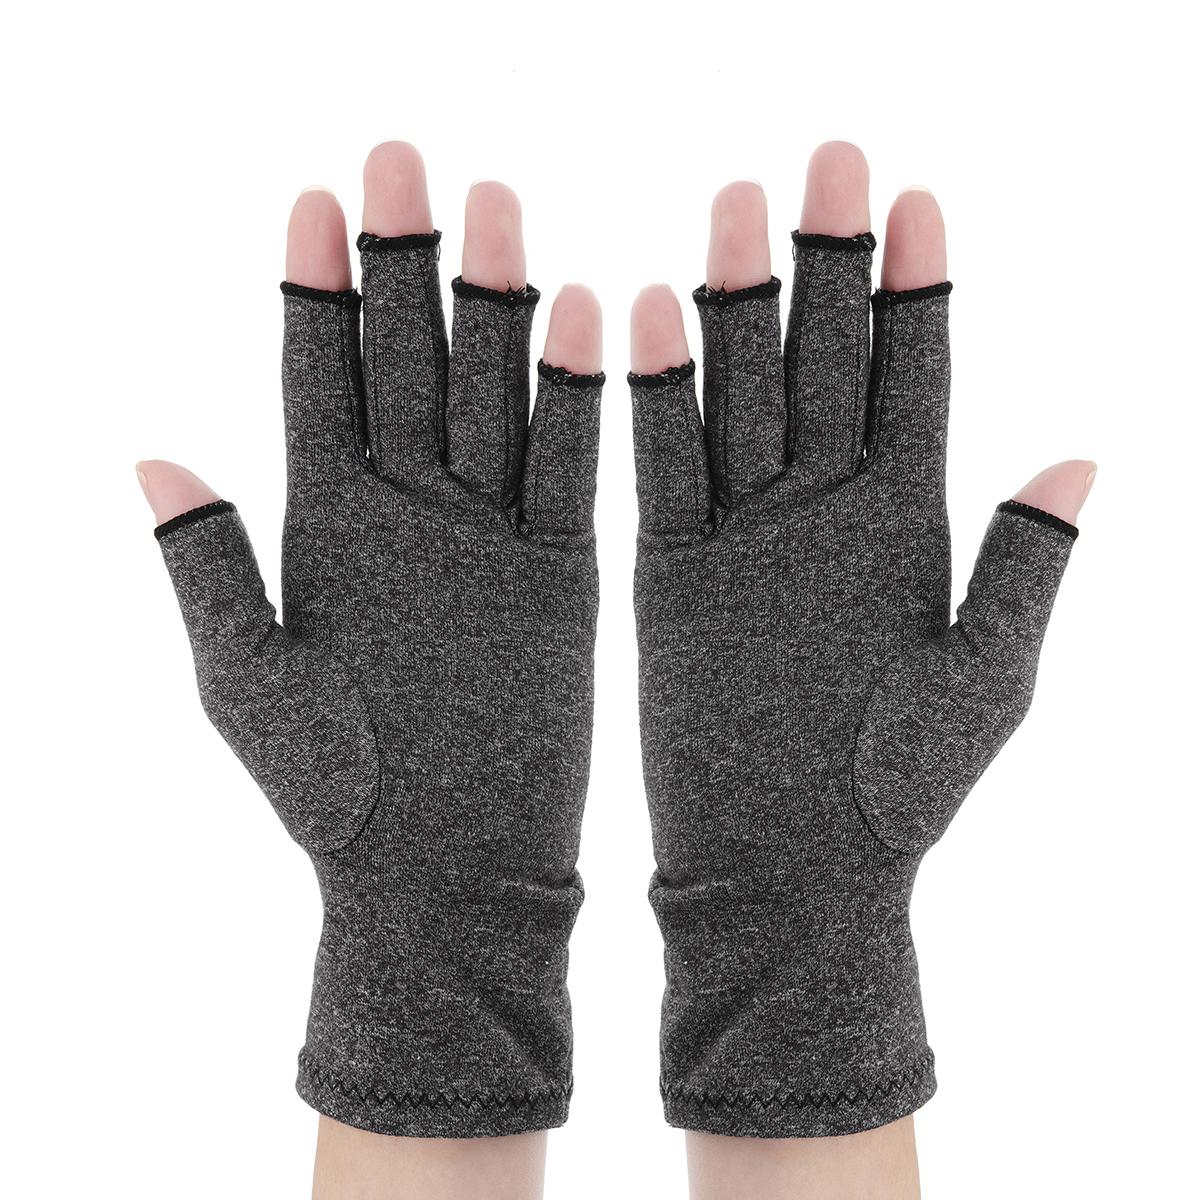 Compression Arthritis Gloves Anti Arthritis Hands Gloves